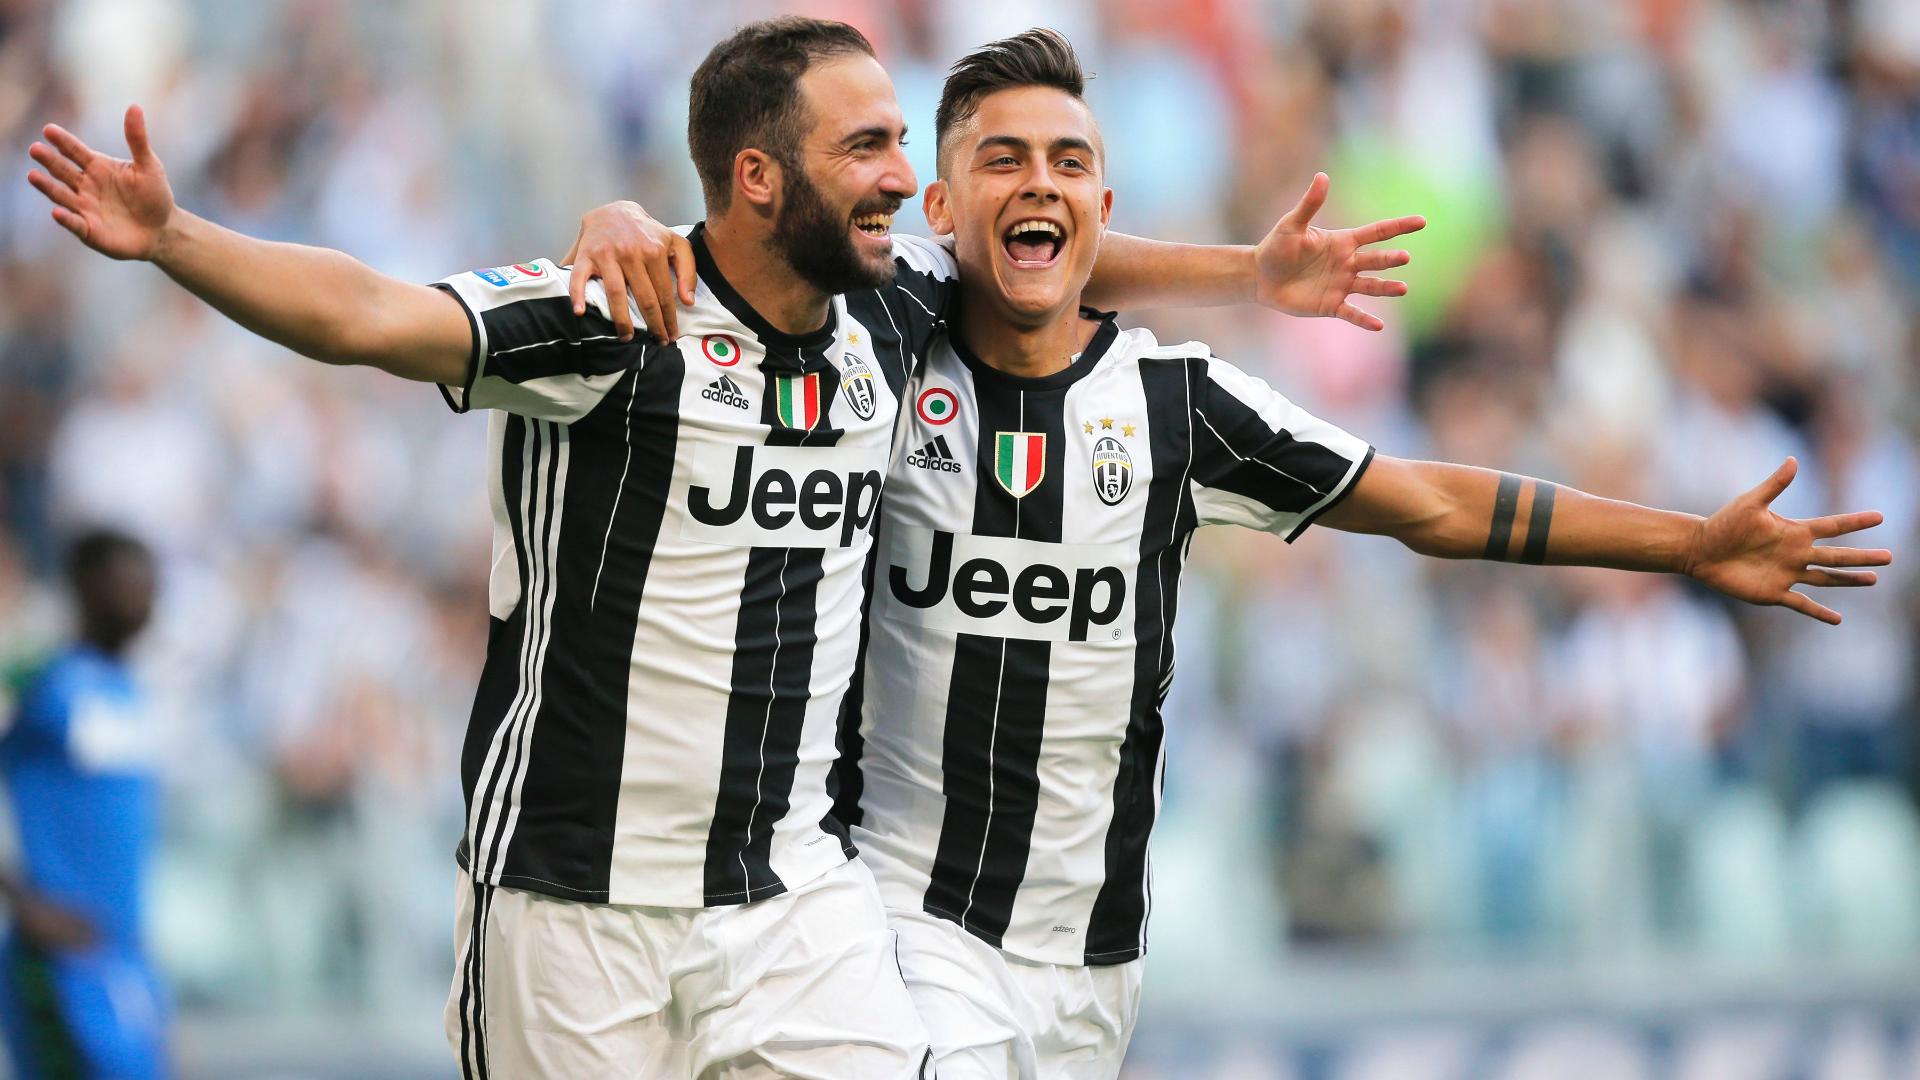 Juventus VS Palermo BETTING TIPS (17.02.2017)